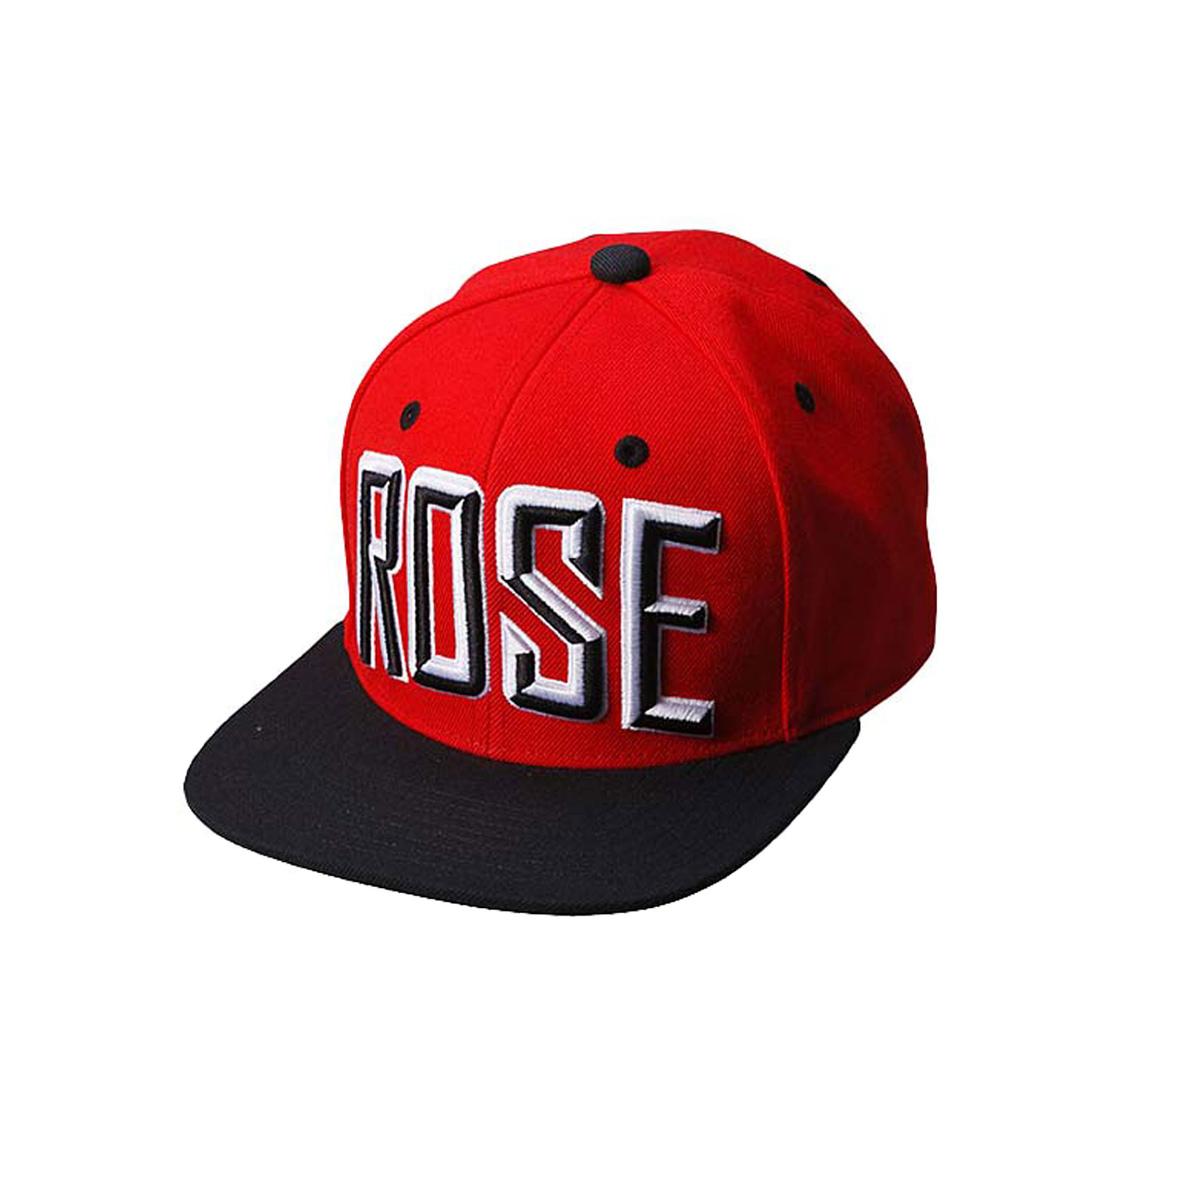 Cappellino nba rose 5